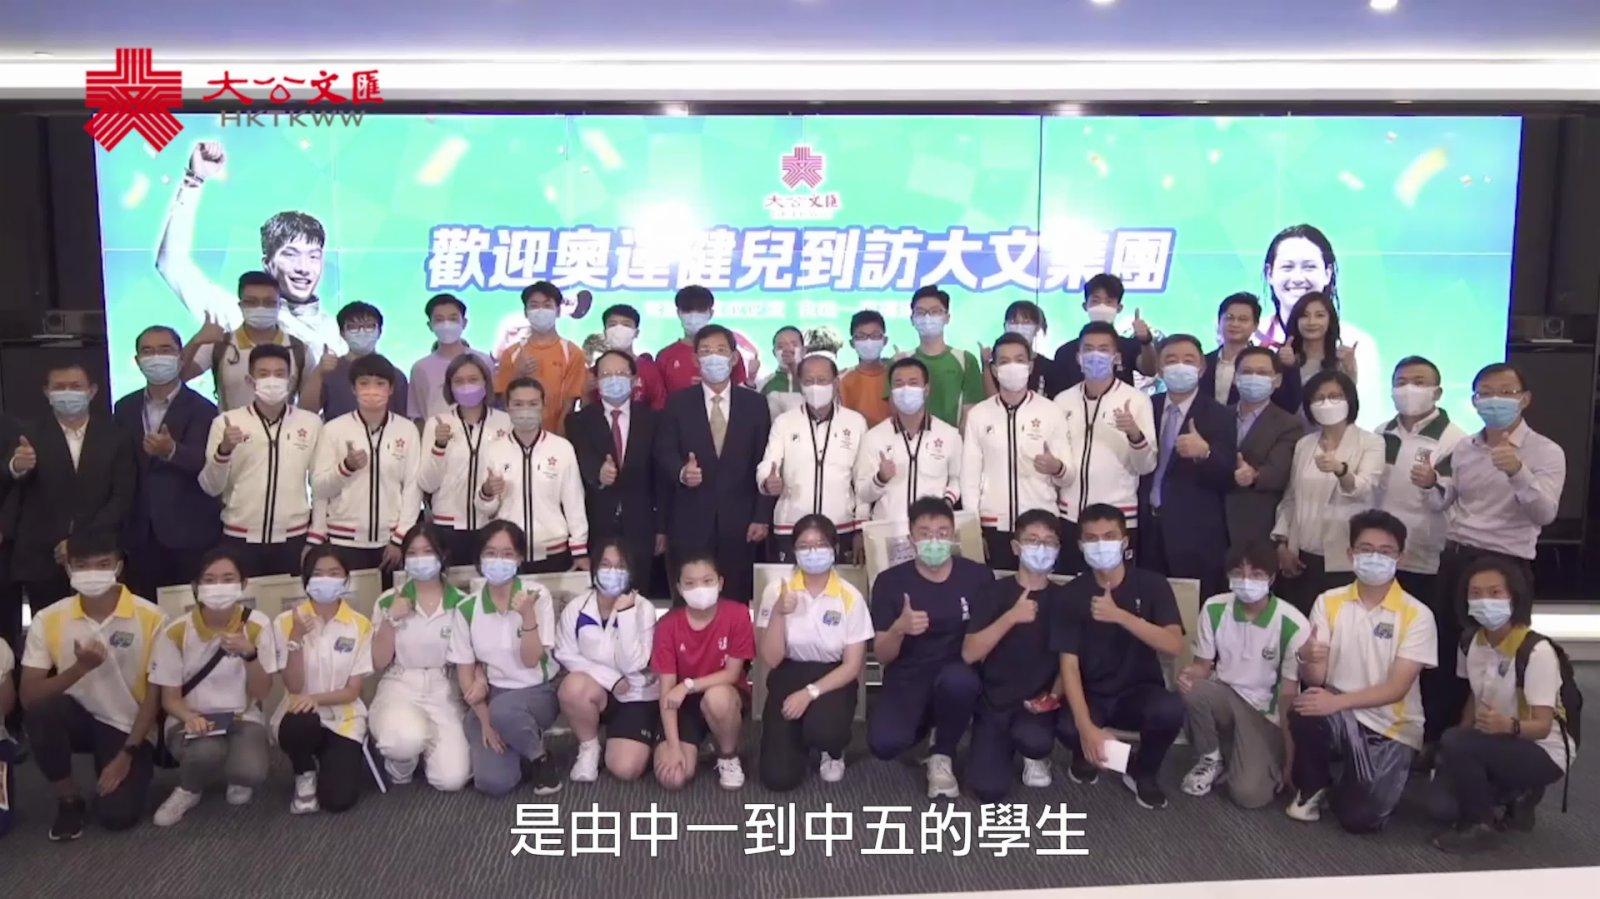 與港乒隊員過招 中學生精心準備戰術「對攻」獲讚